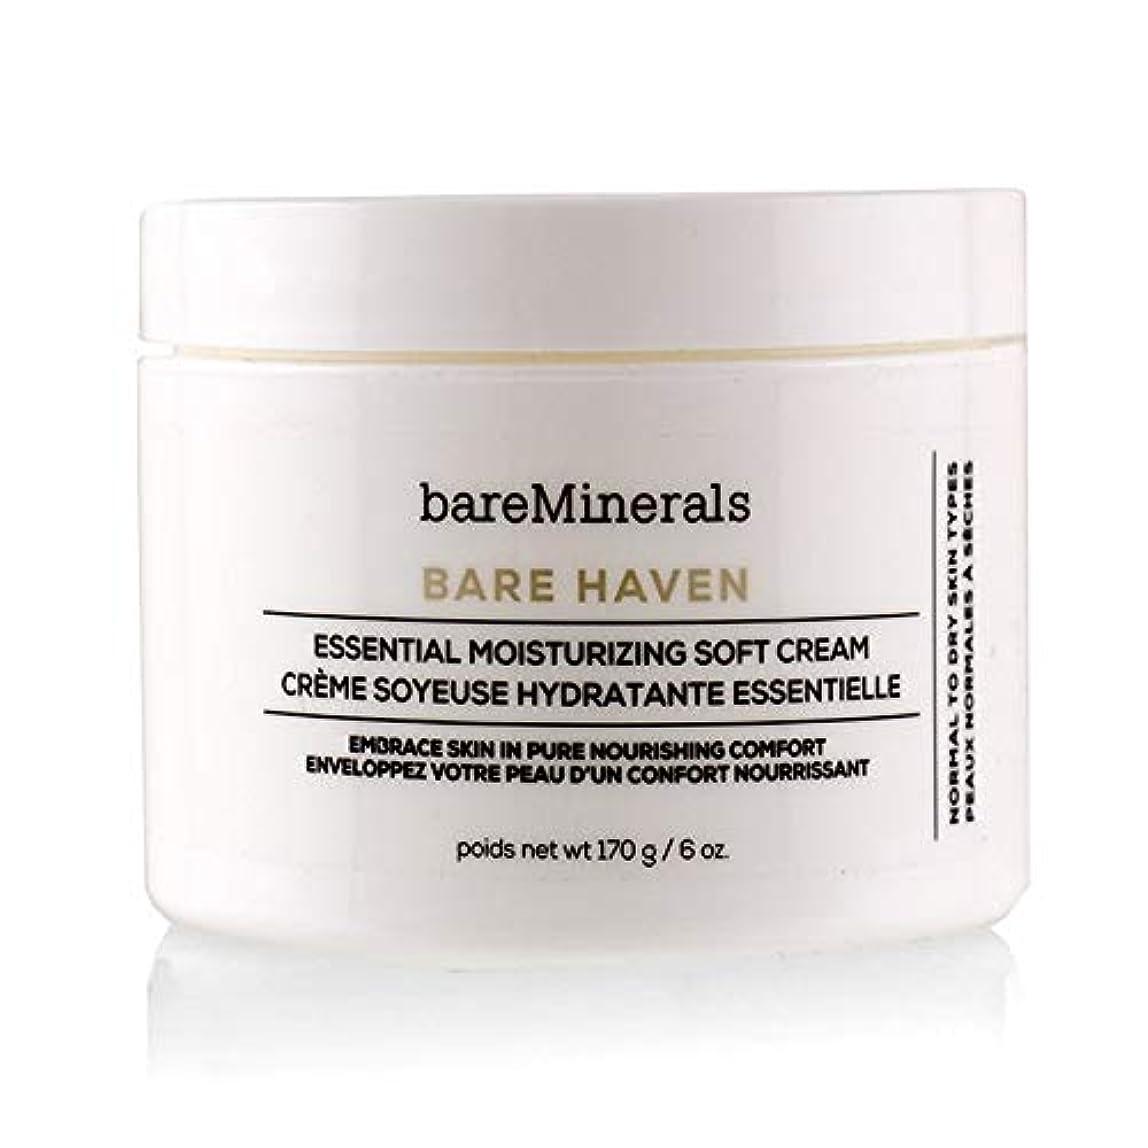 壮大尾大洪水ベアミネラル Bare Haven Essential Moisturizing Soft Cream - Normal To Dry Skin Types (Salon Size) 170g/6oz並行輸入品